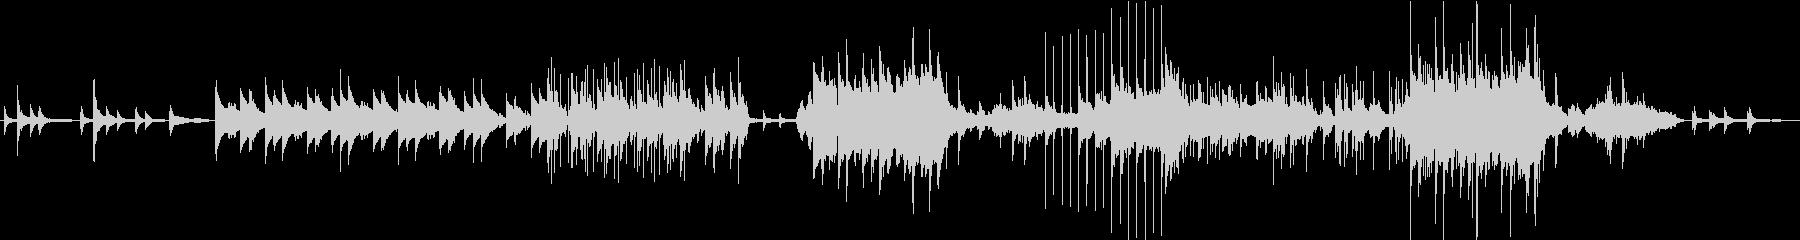 お洒落なピアノフレーズが特徴の未再生の波形